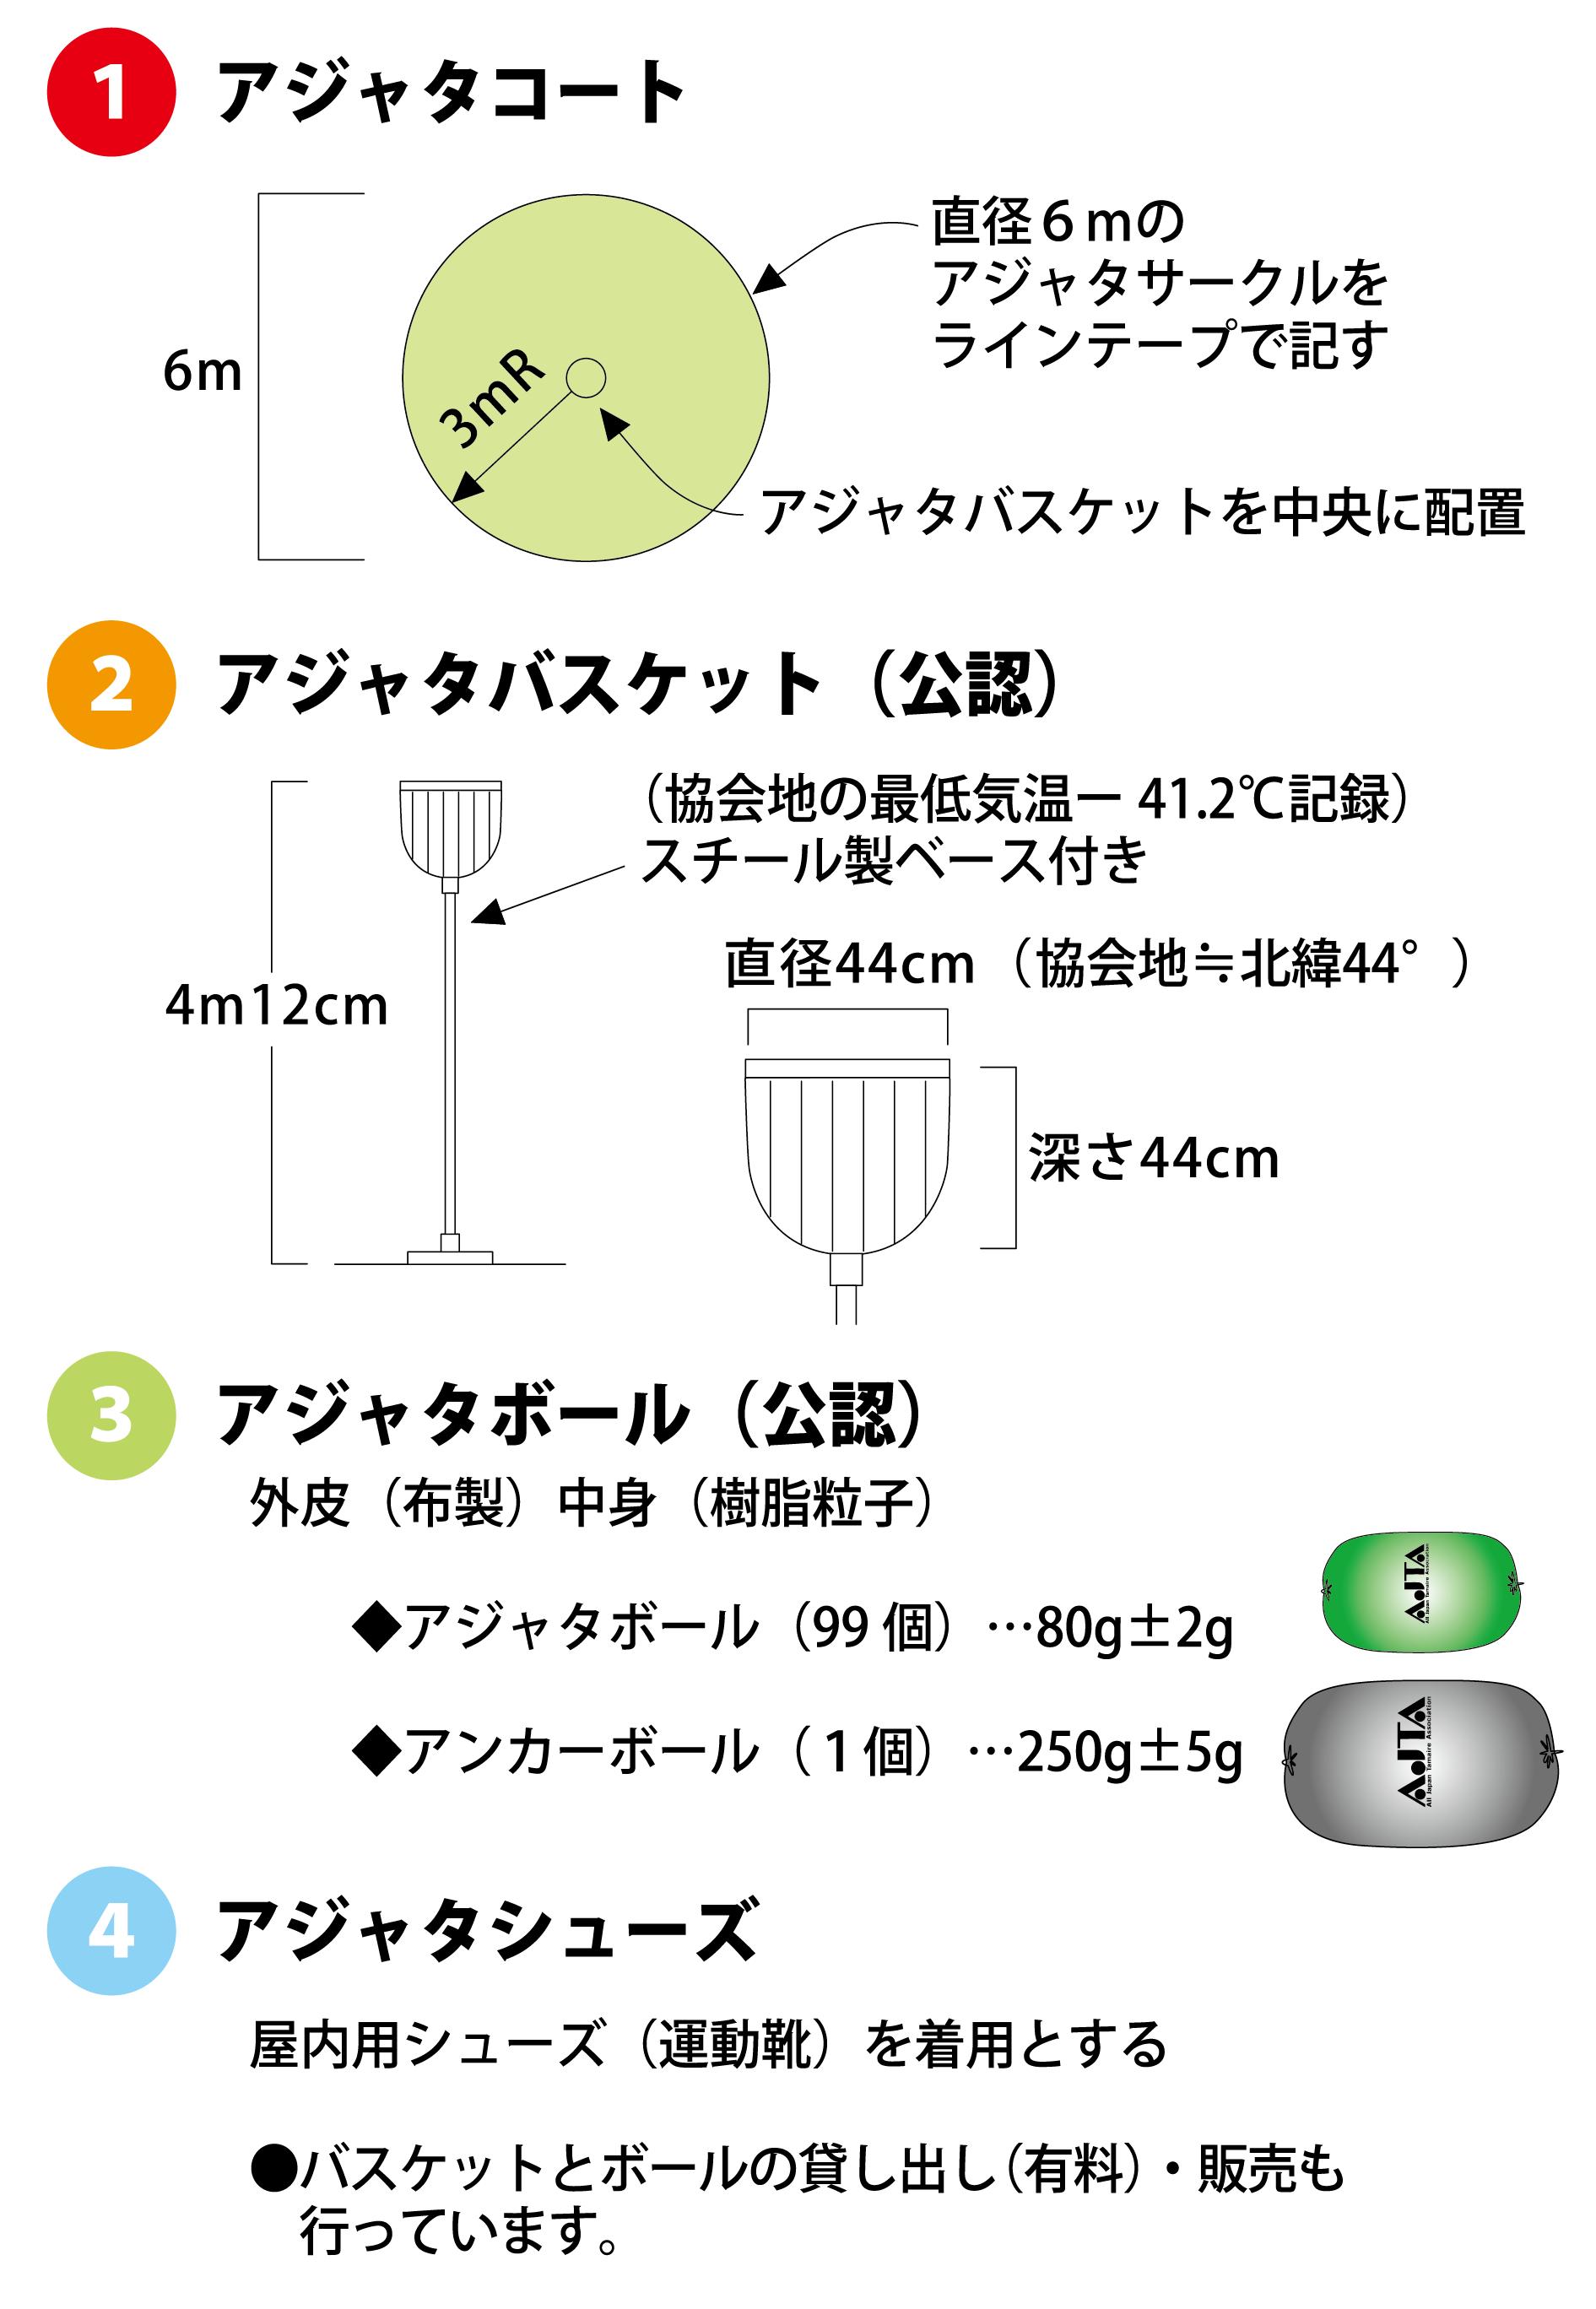 アジャタコート 直径6cmのアジャタサークルをラインテープで記す アジャタバスケットを中央に配置 アジャタバスケット(公認) 協会地の最低気温-41.2℃記録 スチール製ベース付き 直径44cm(協会地 北緯44度) 深さ44cm 4m12cm アジャタボール(公認) 外皮(布製)中身(樹脂粒子) アジャタボール(99個) ... 80g +- 2g アンカーボール(1個) ... 250g +- 5g アジャタシューズ 屋内用シューズ(運動靴)を着用とする バスケットとボールの貸し出し(有料)・販売も行っています。